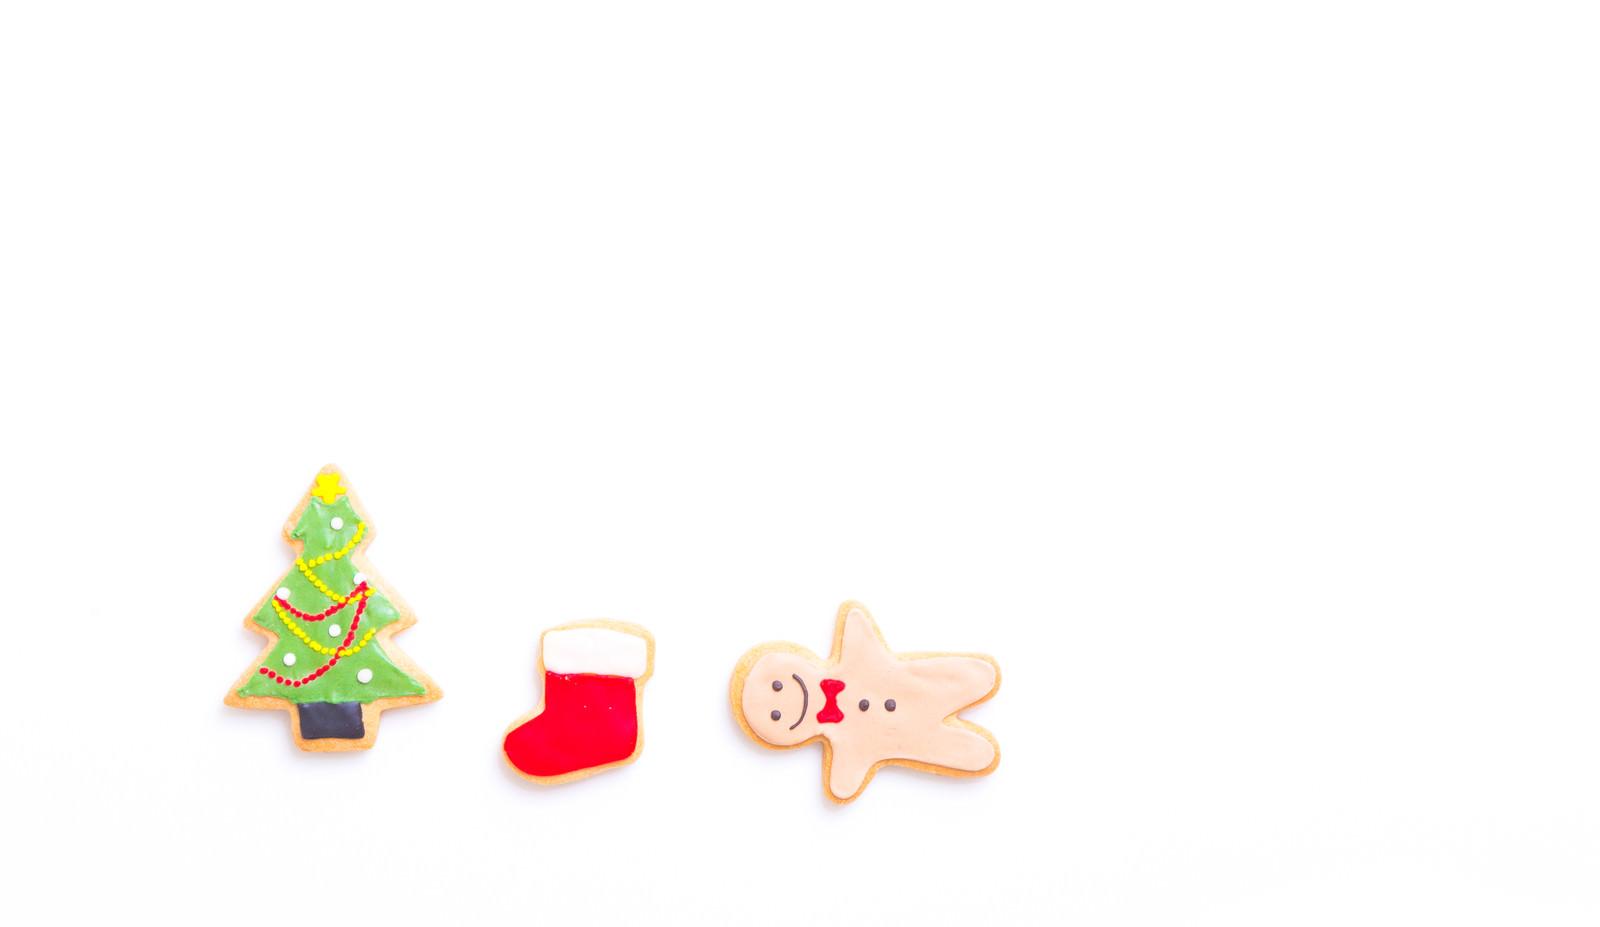 「サンタさんまだかなー(アイシングクッキー)」の写真